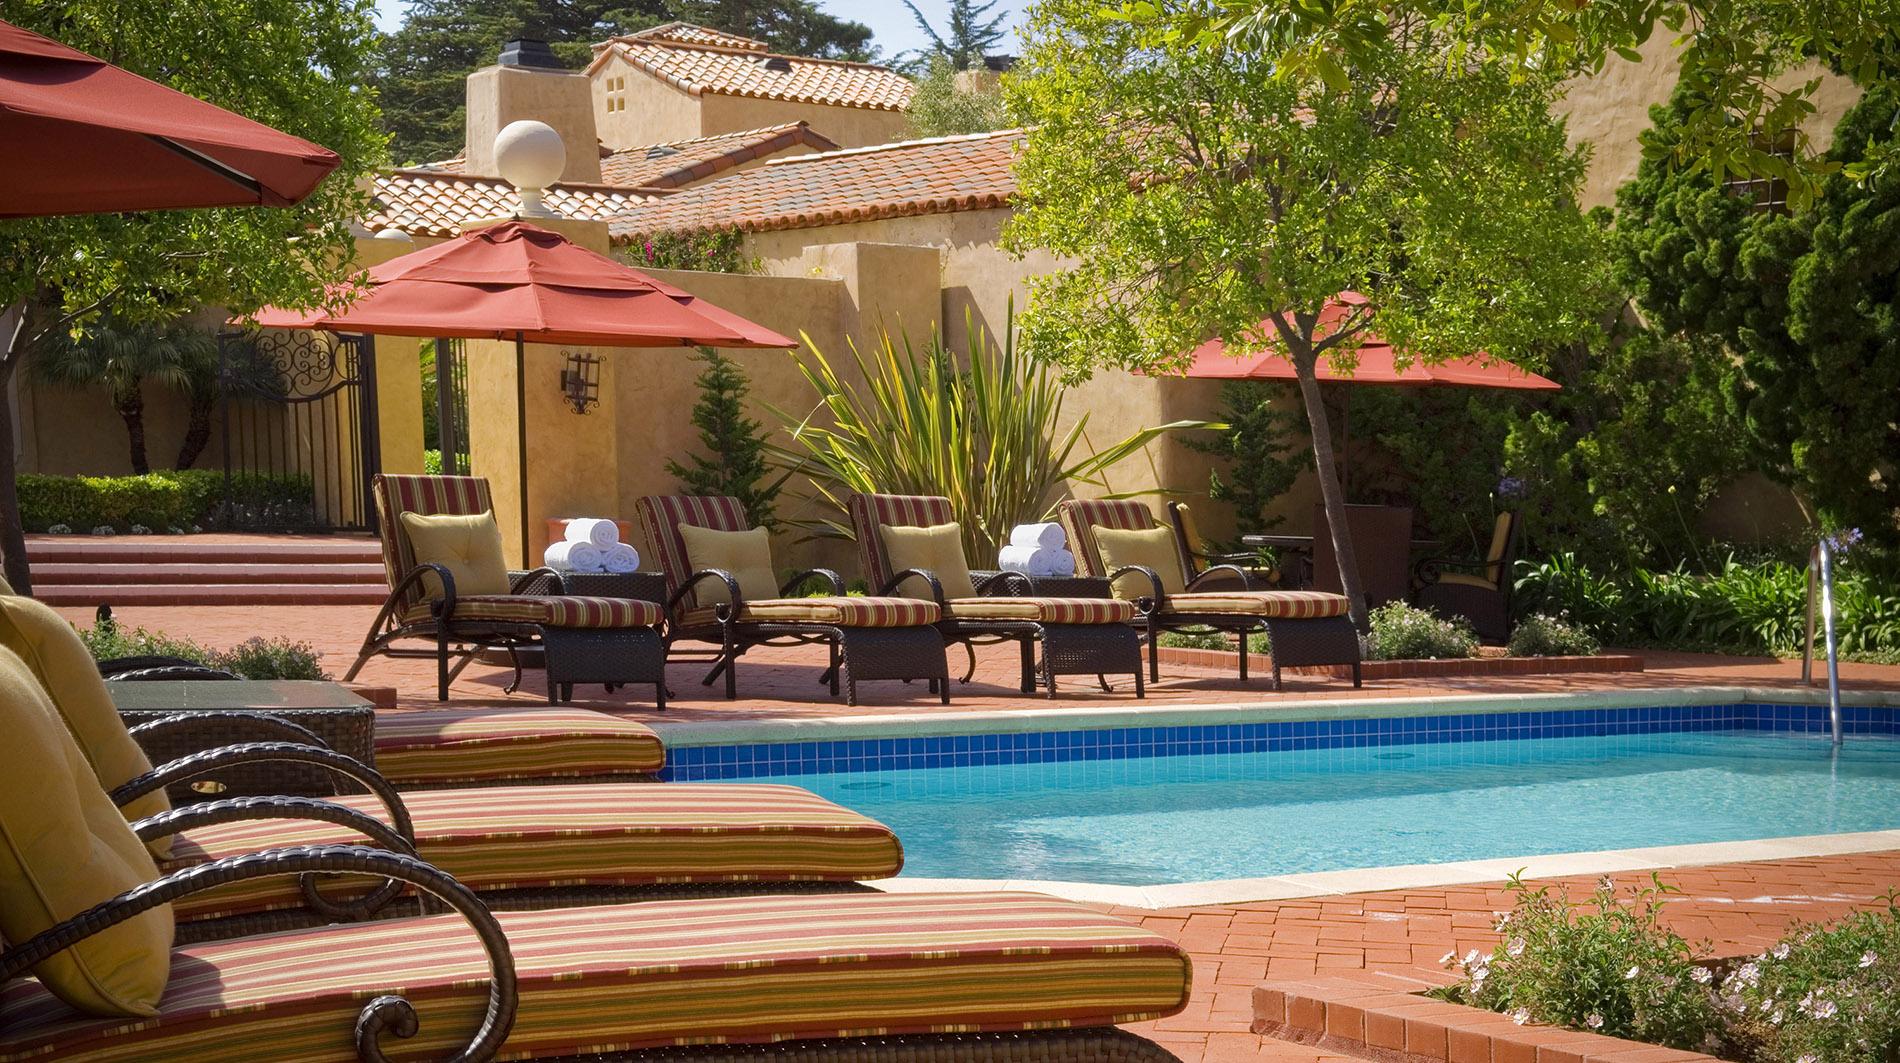 Property CasaPalermo Hotel PublicSpaces SwimmingPool2 PebbleBeachCompany